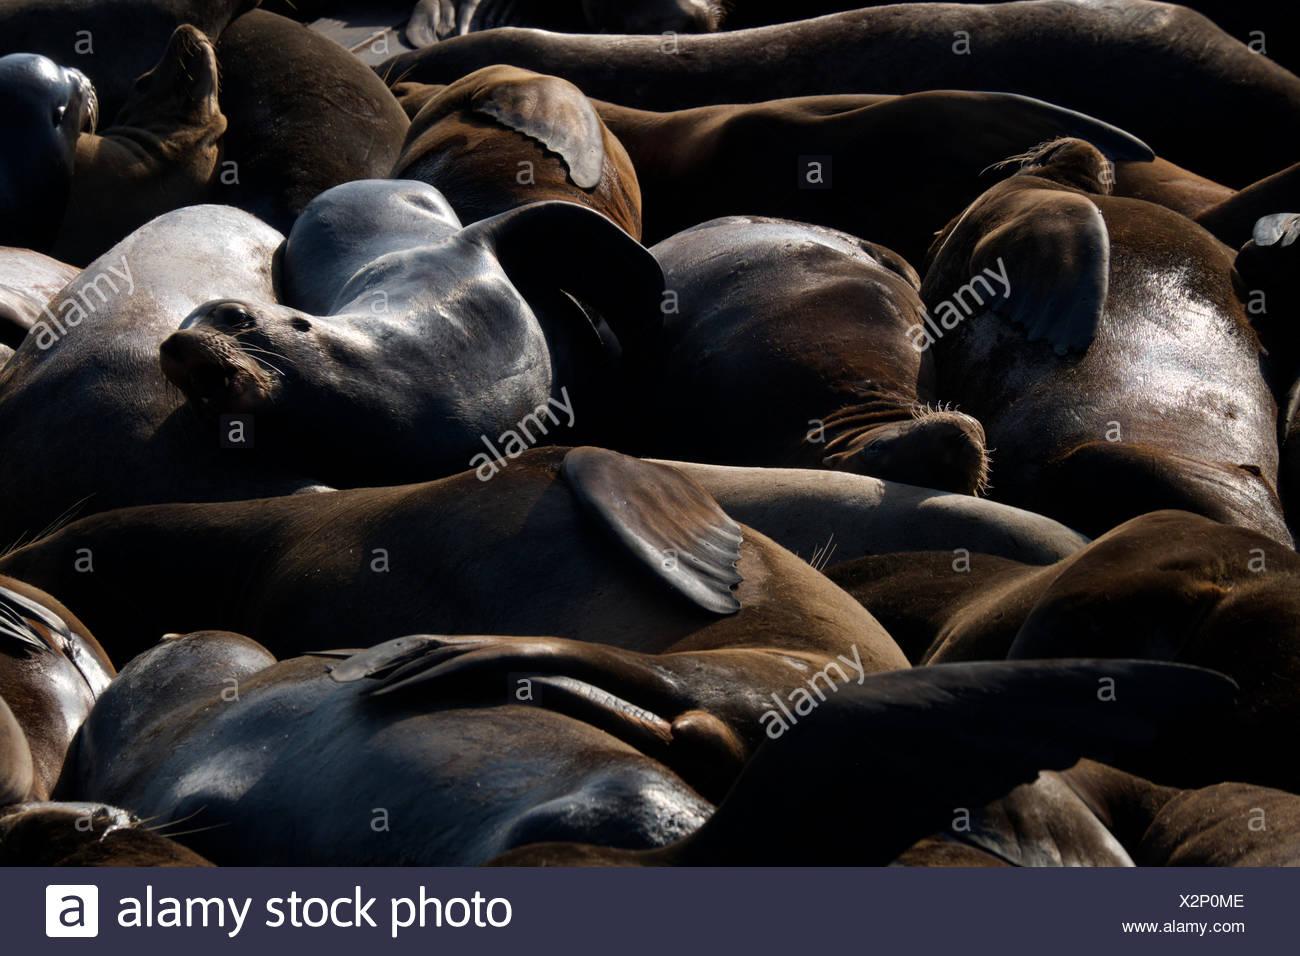 Les Lions de mer se serrent les uns près des autres au Pier 29 à Fisherman's Wharf à San Francisco, Californie. Photo Stock